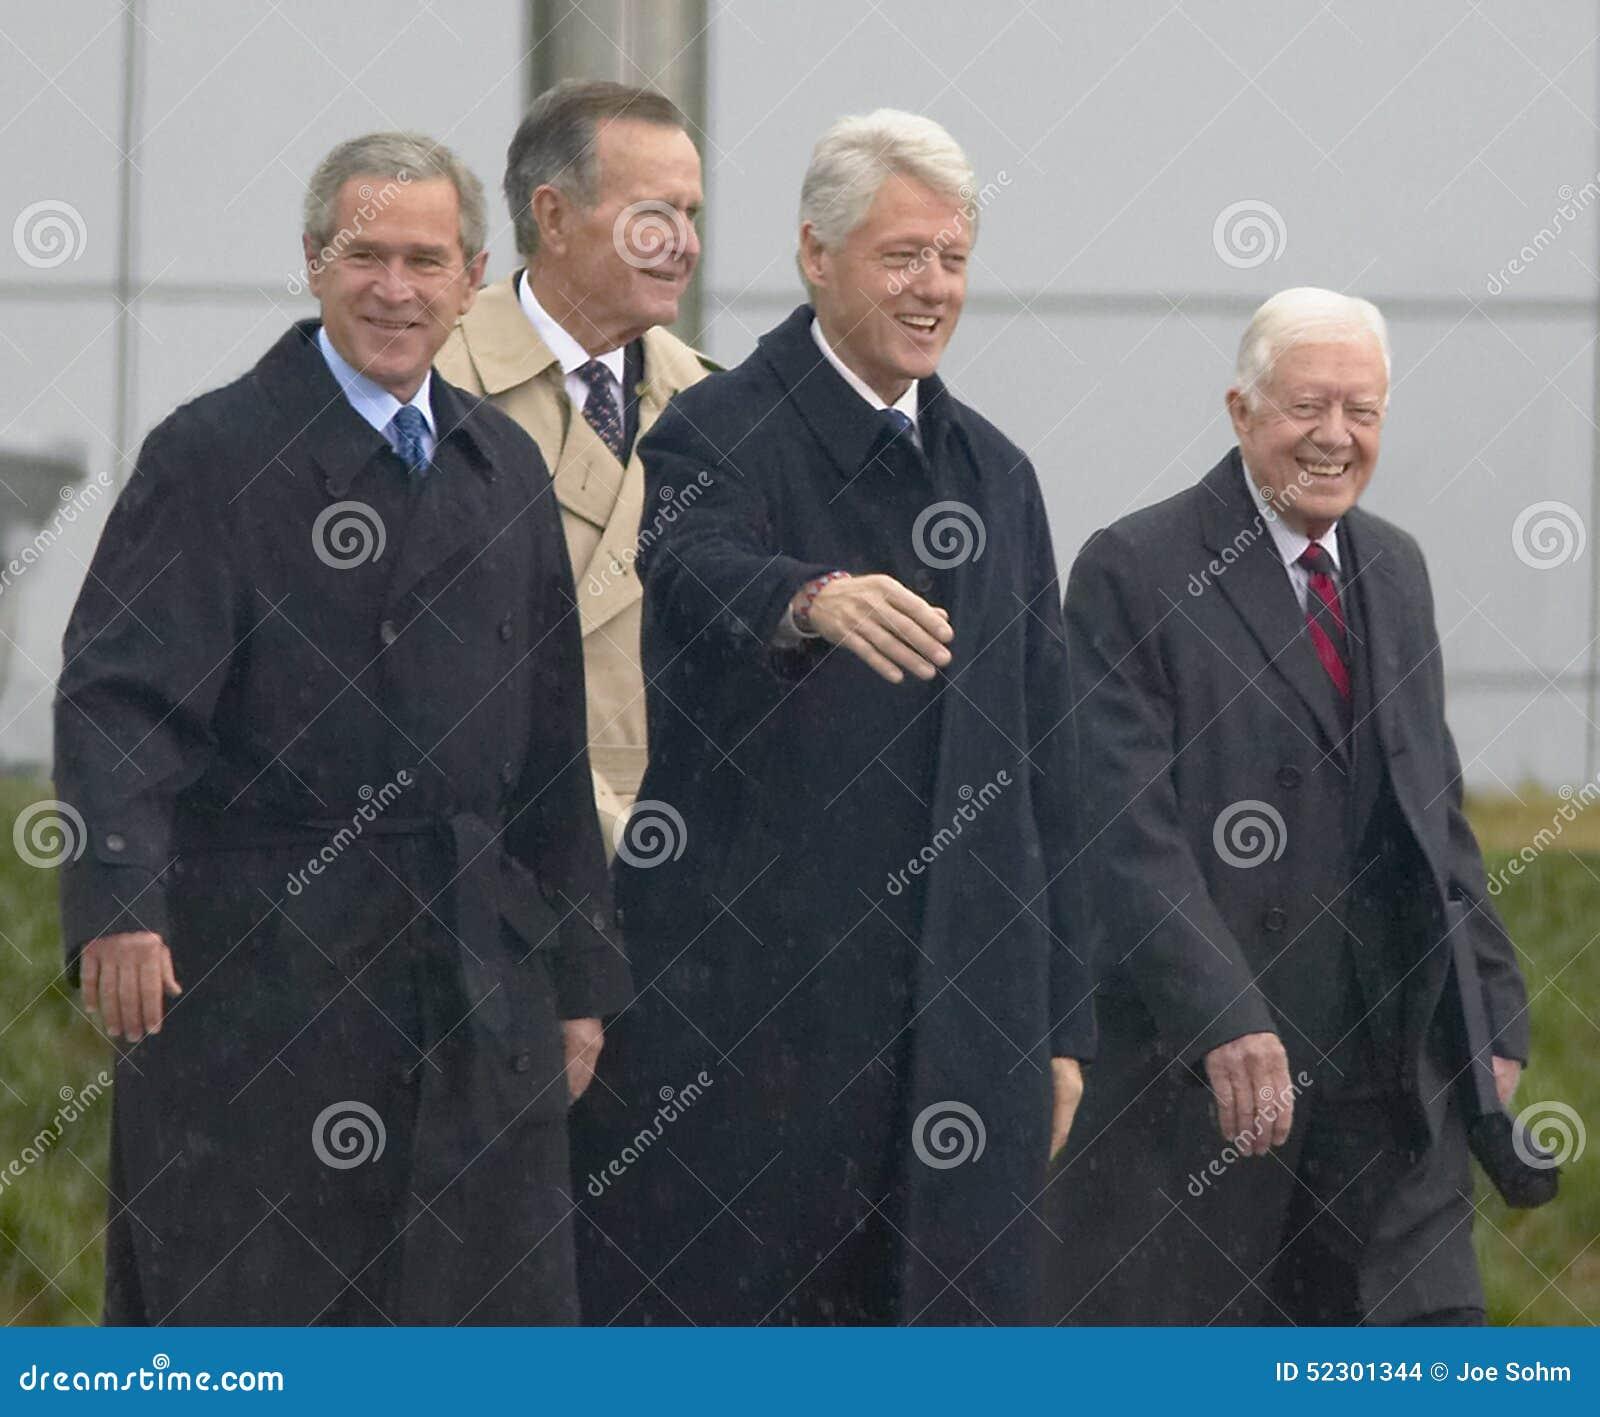 Ehemaliger USpräsident Thomas Jefferson wird auf dem Gegenstücck der Anmerkung gekennzeichnet S Präsident Bill Clinton bewegt vom